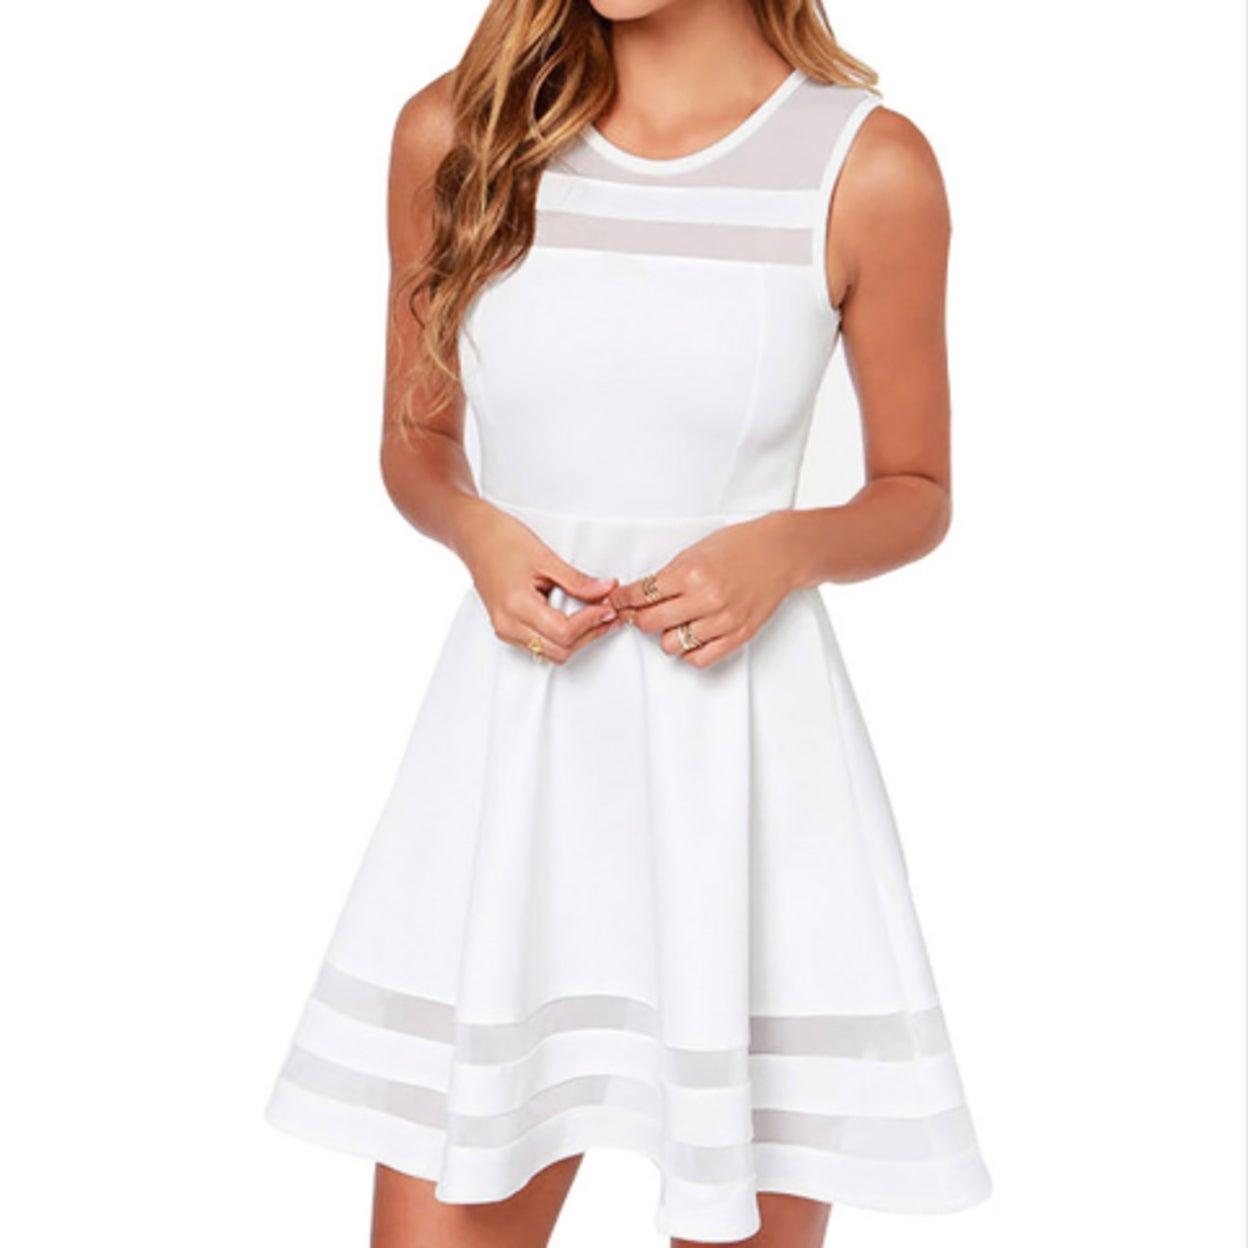 e6d3409ca5c Buy Sundresses Online at Overstock